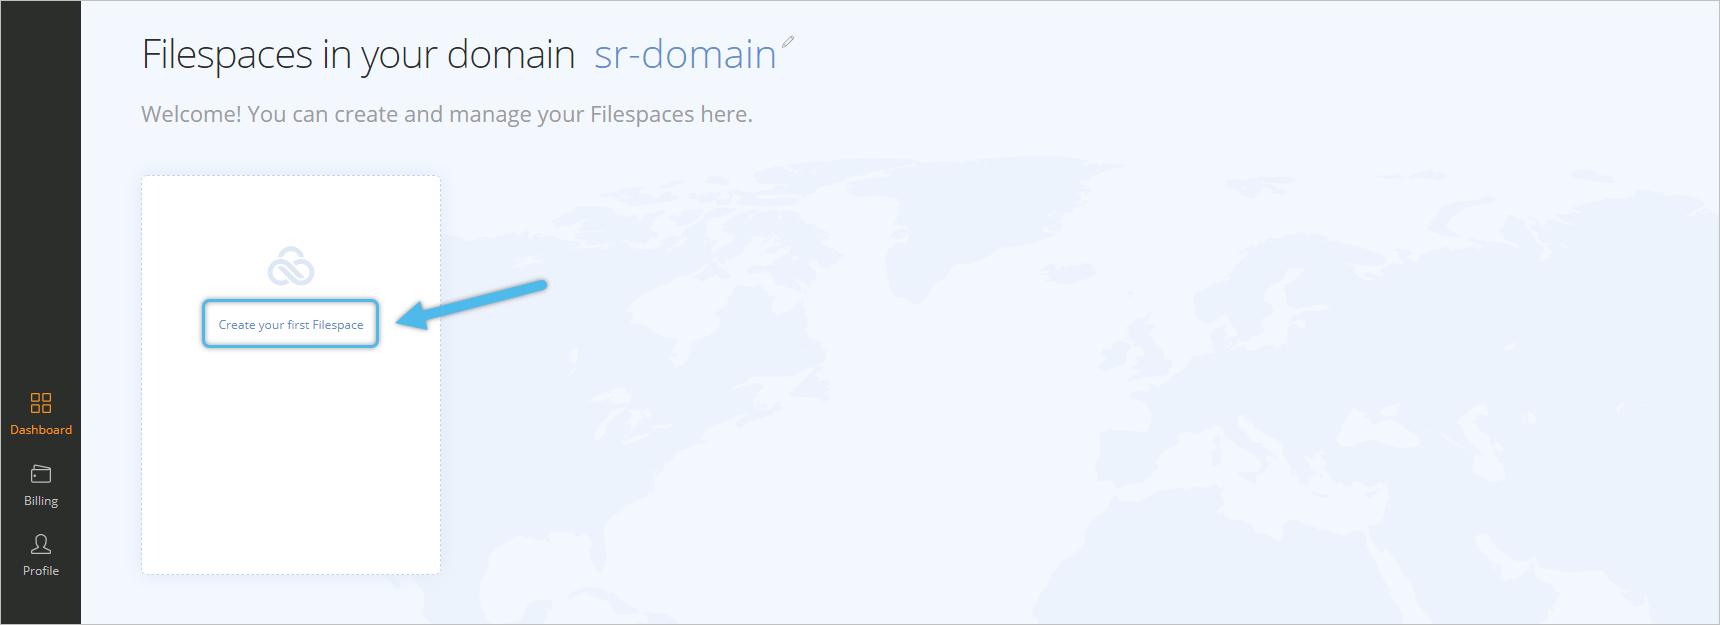 LucidLink Filespaces Cloud NAS step 2-1